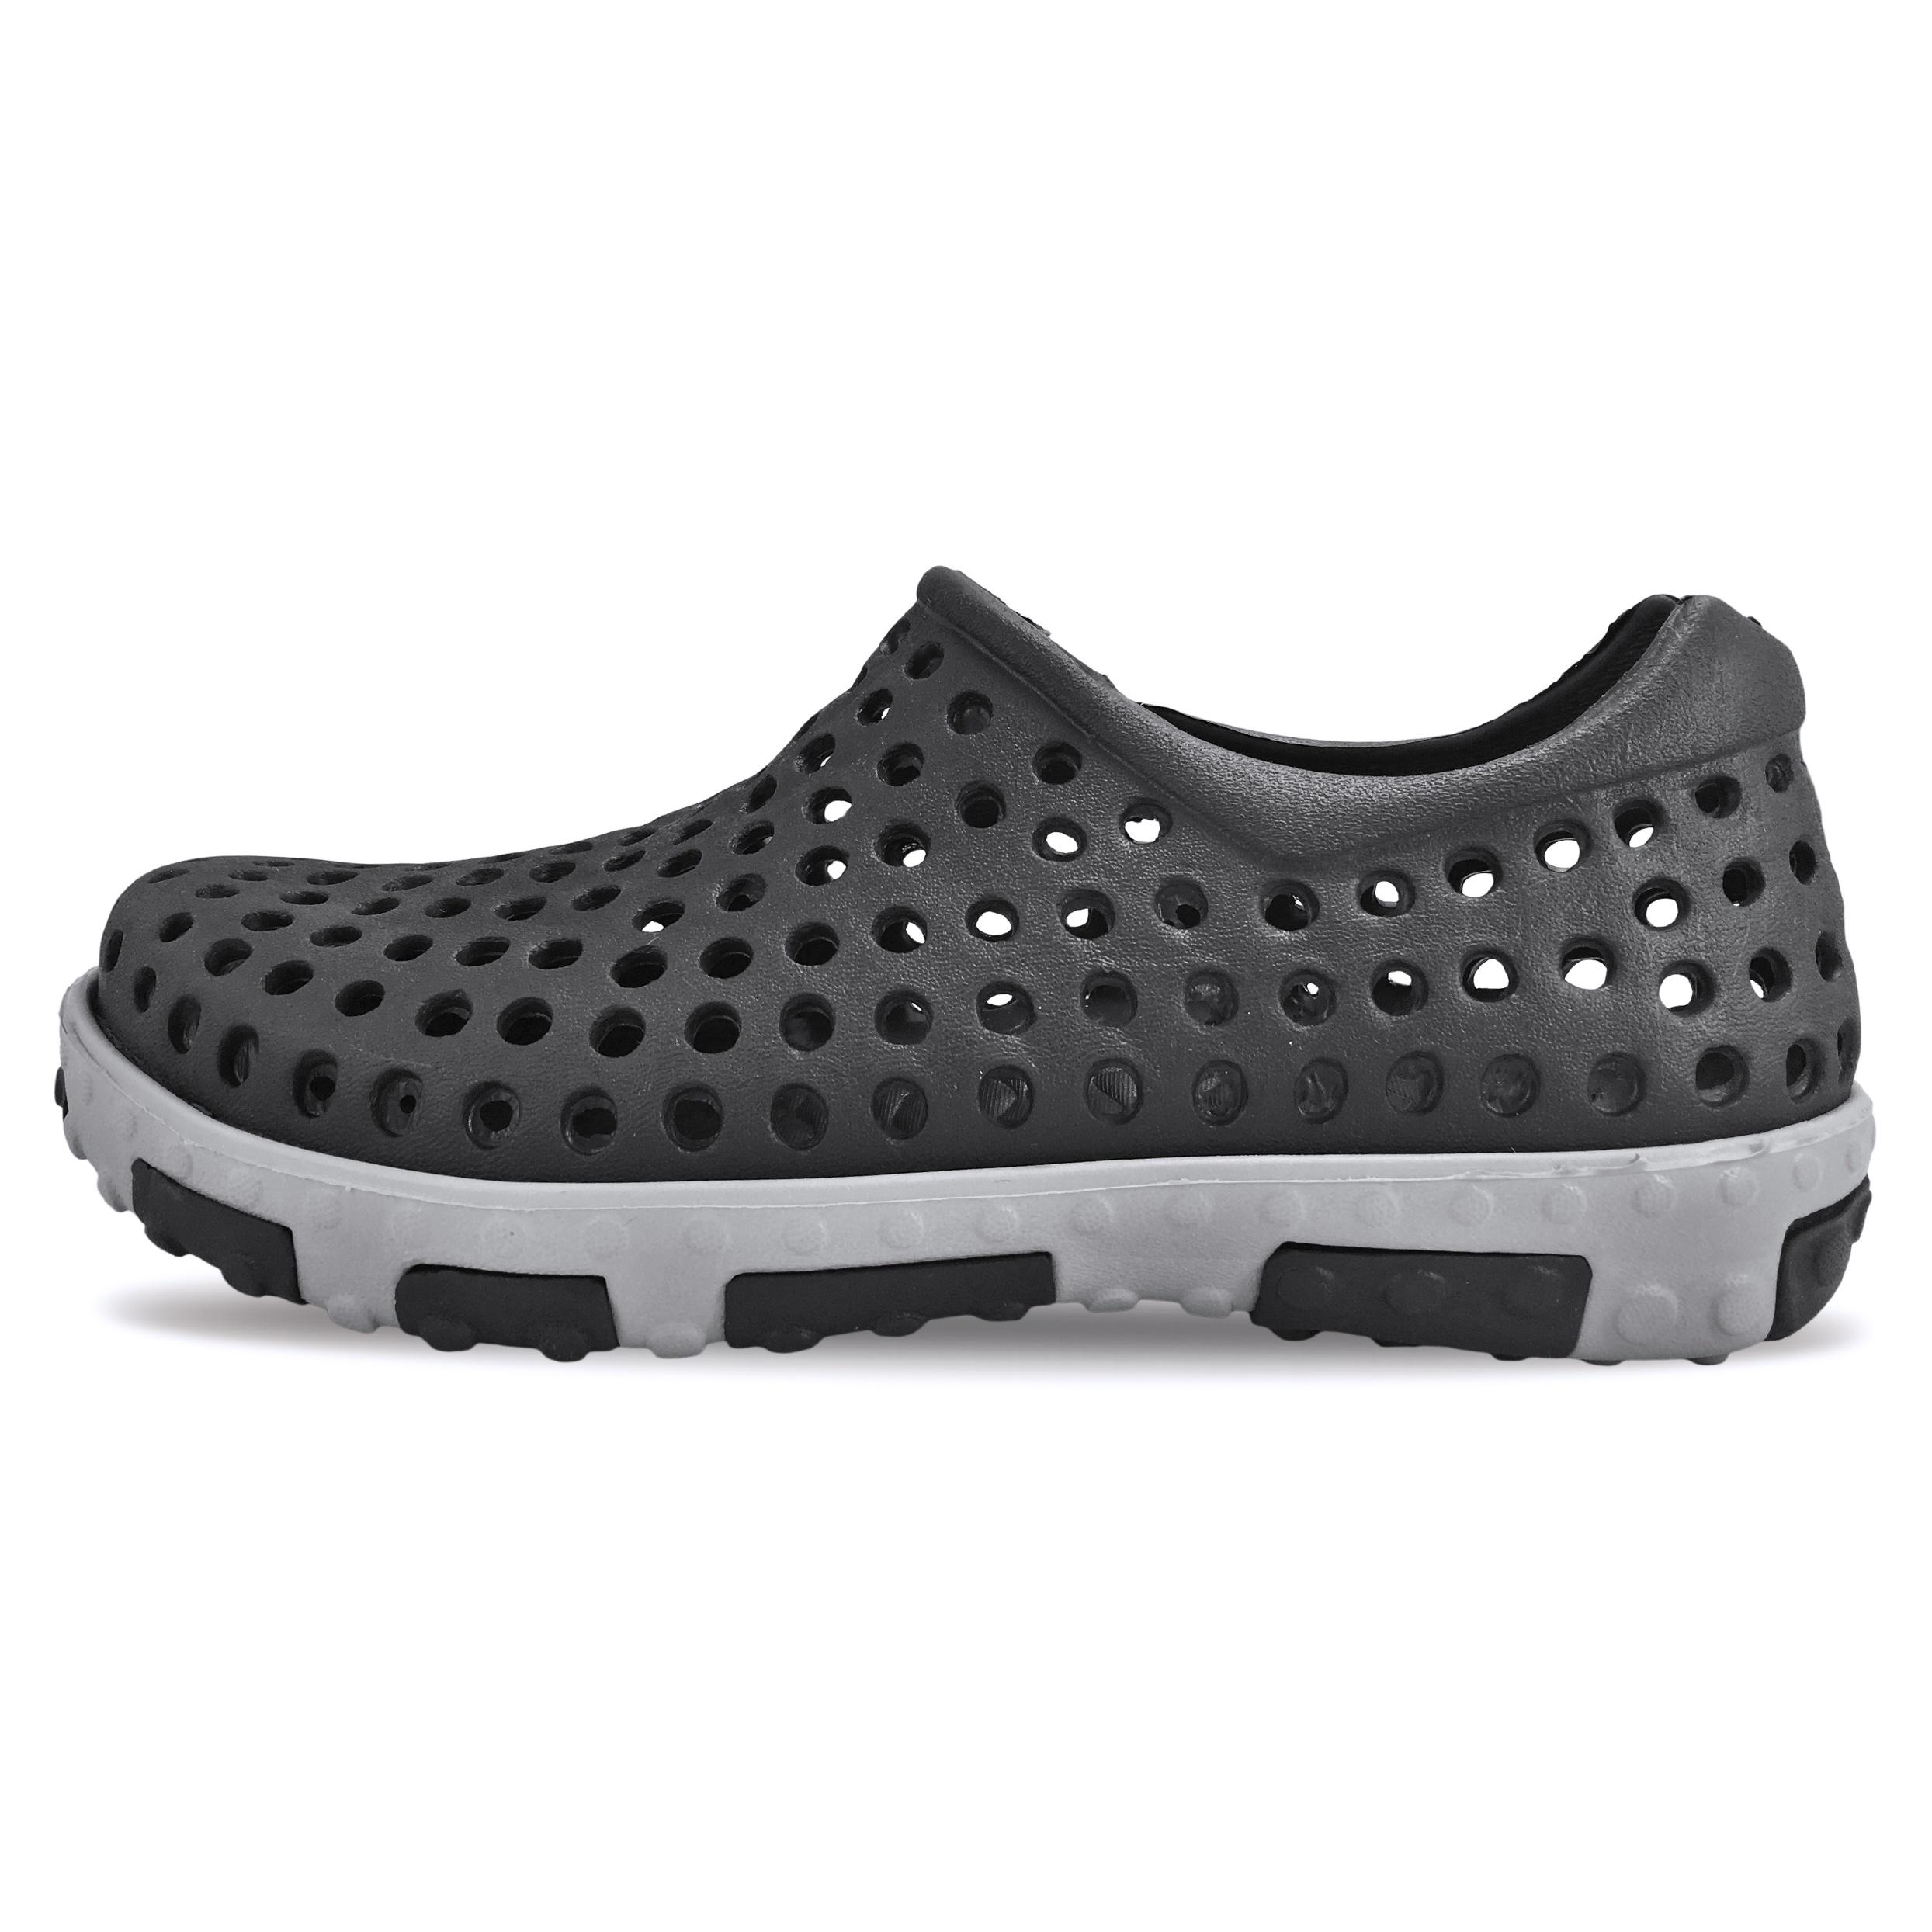 کفش ساحلی مردانه نسیم کد 3441